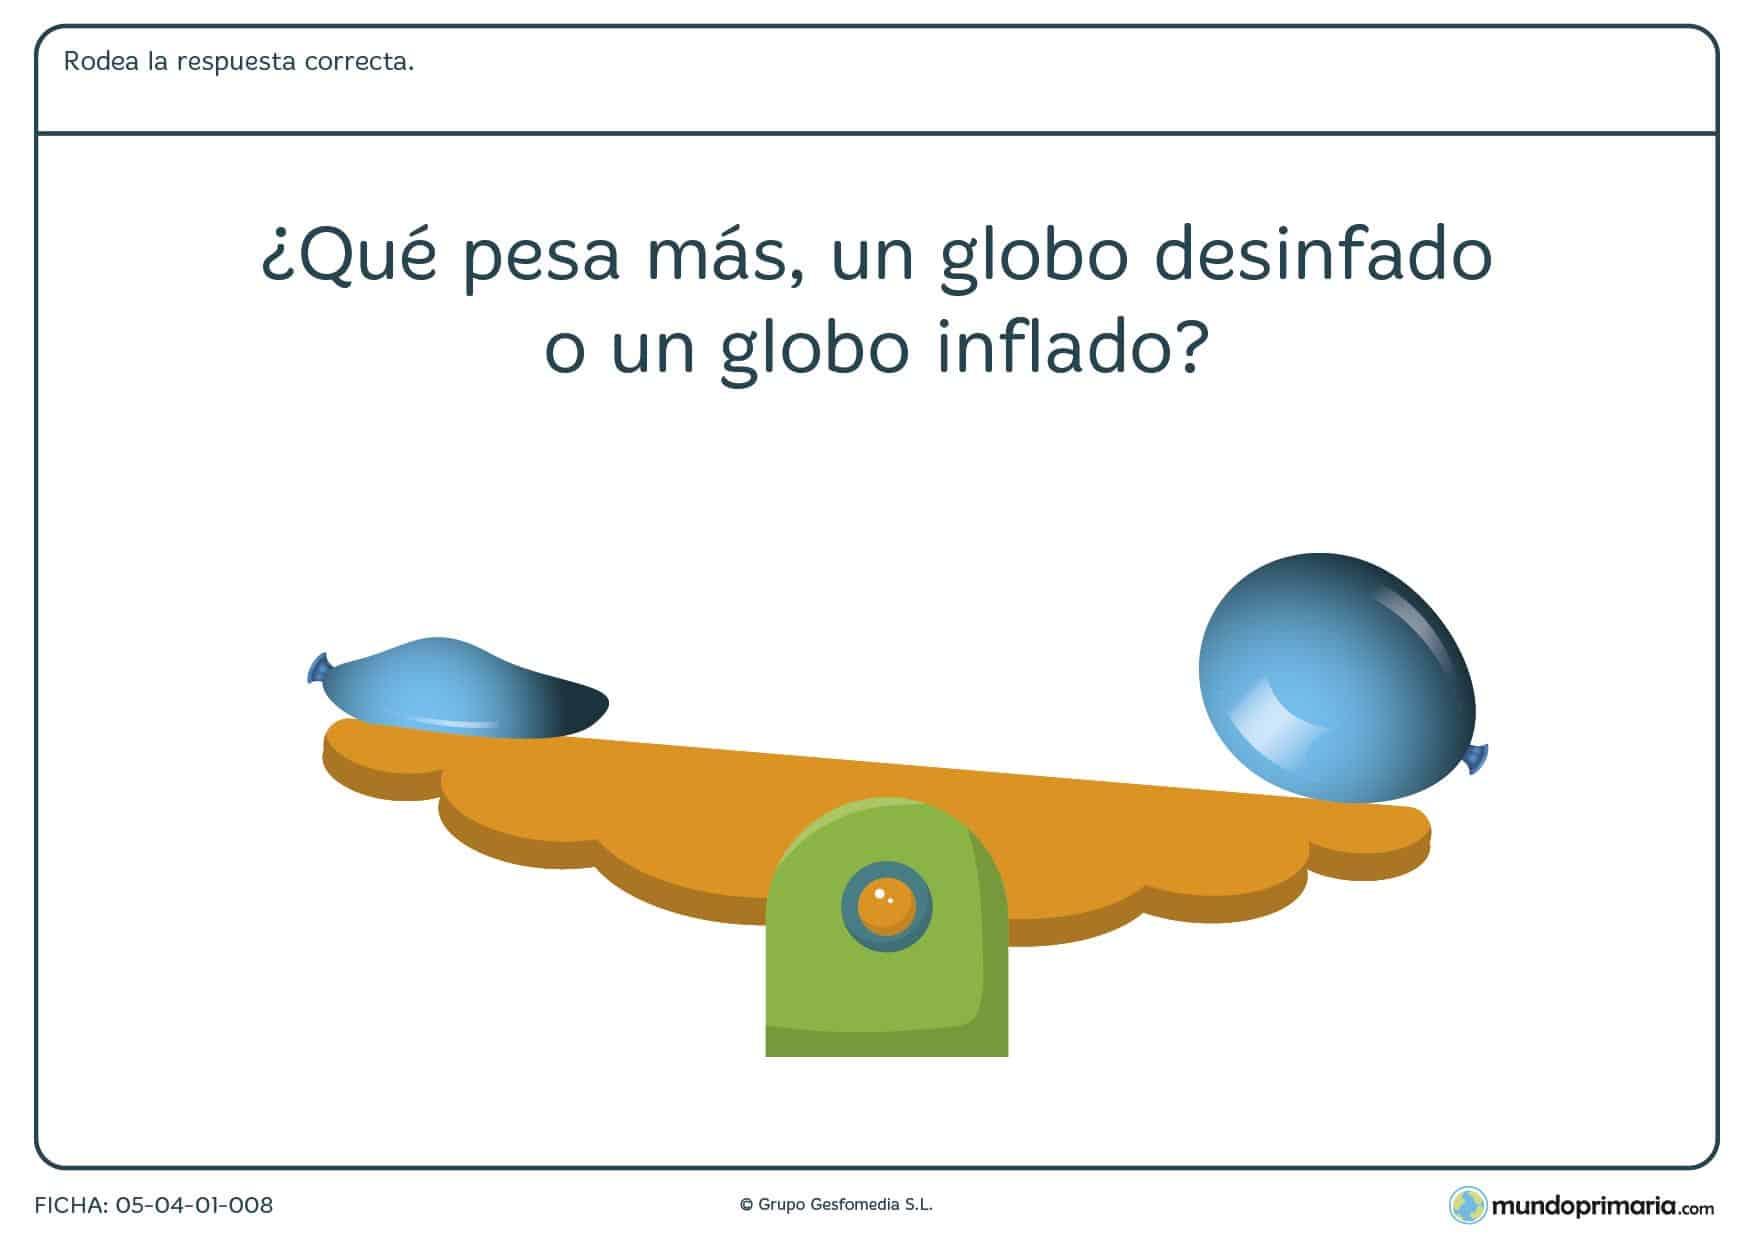 Ficha del peso del aire en el que se debe rodear la respuesta correcta a la pregunta planteada en el ejercicio.